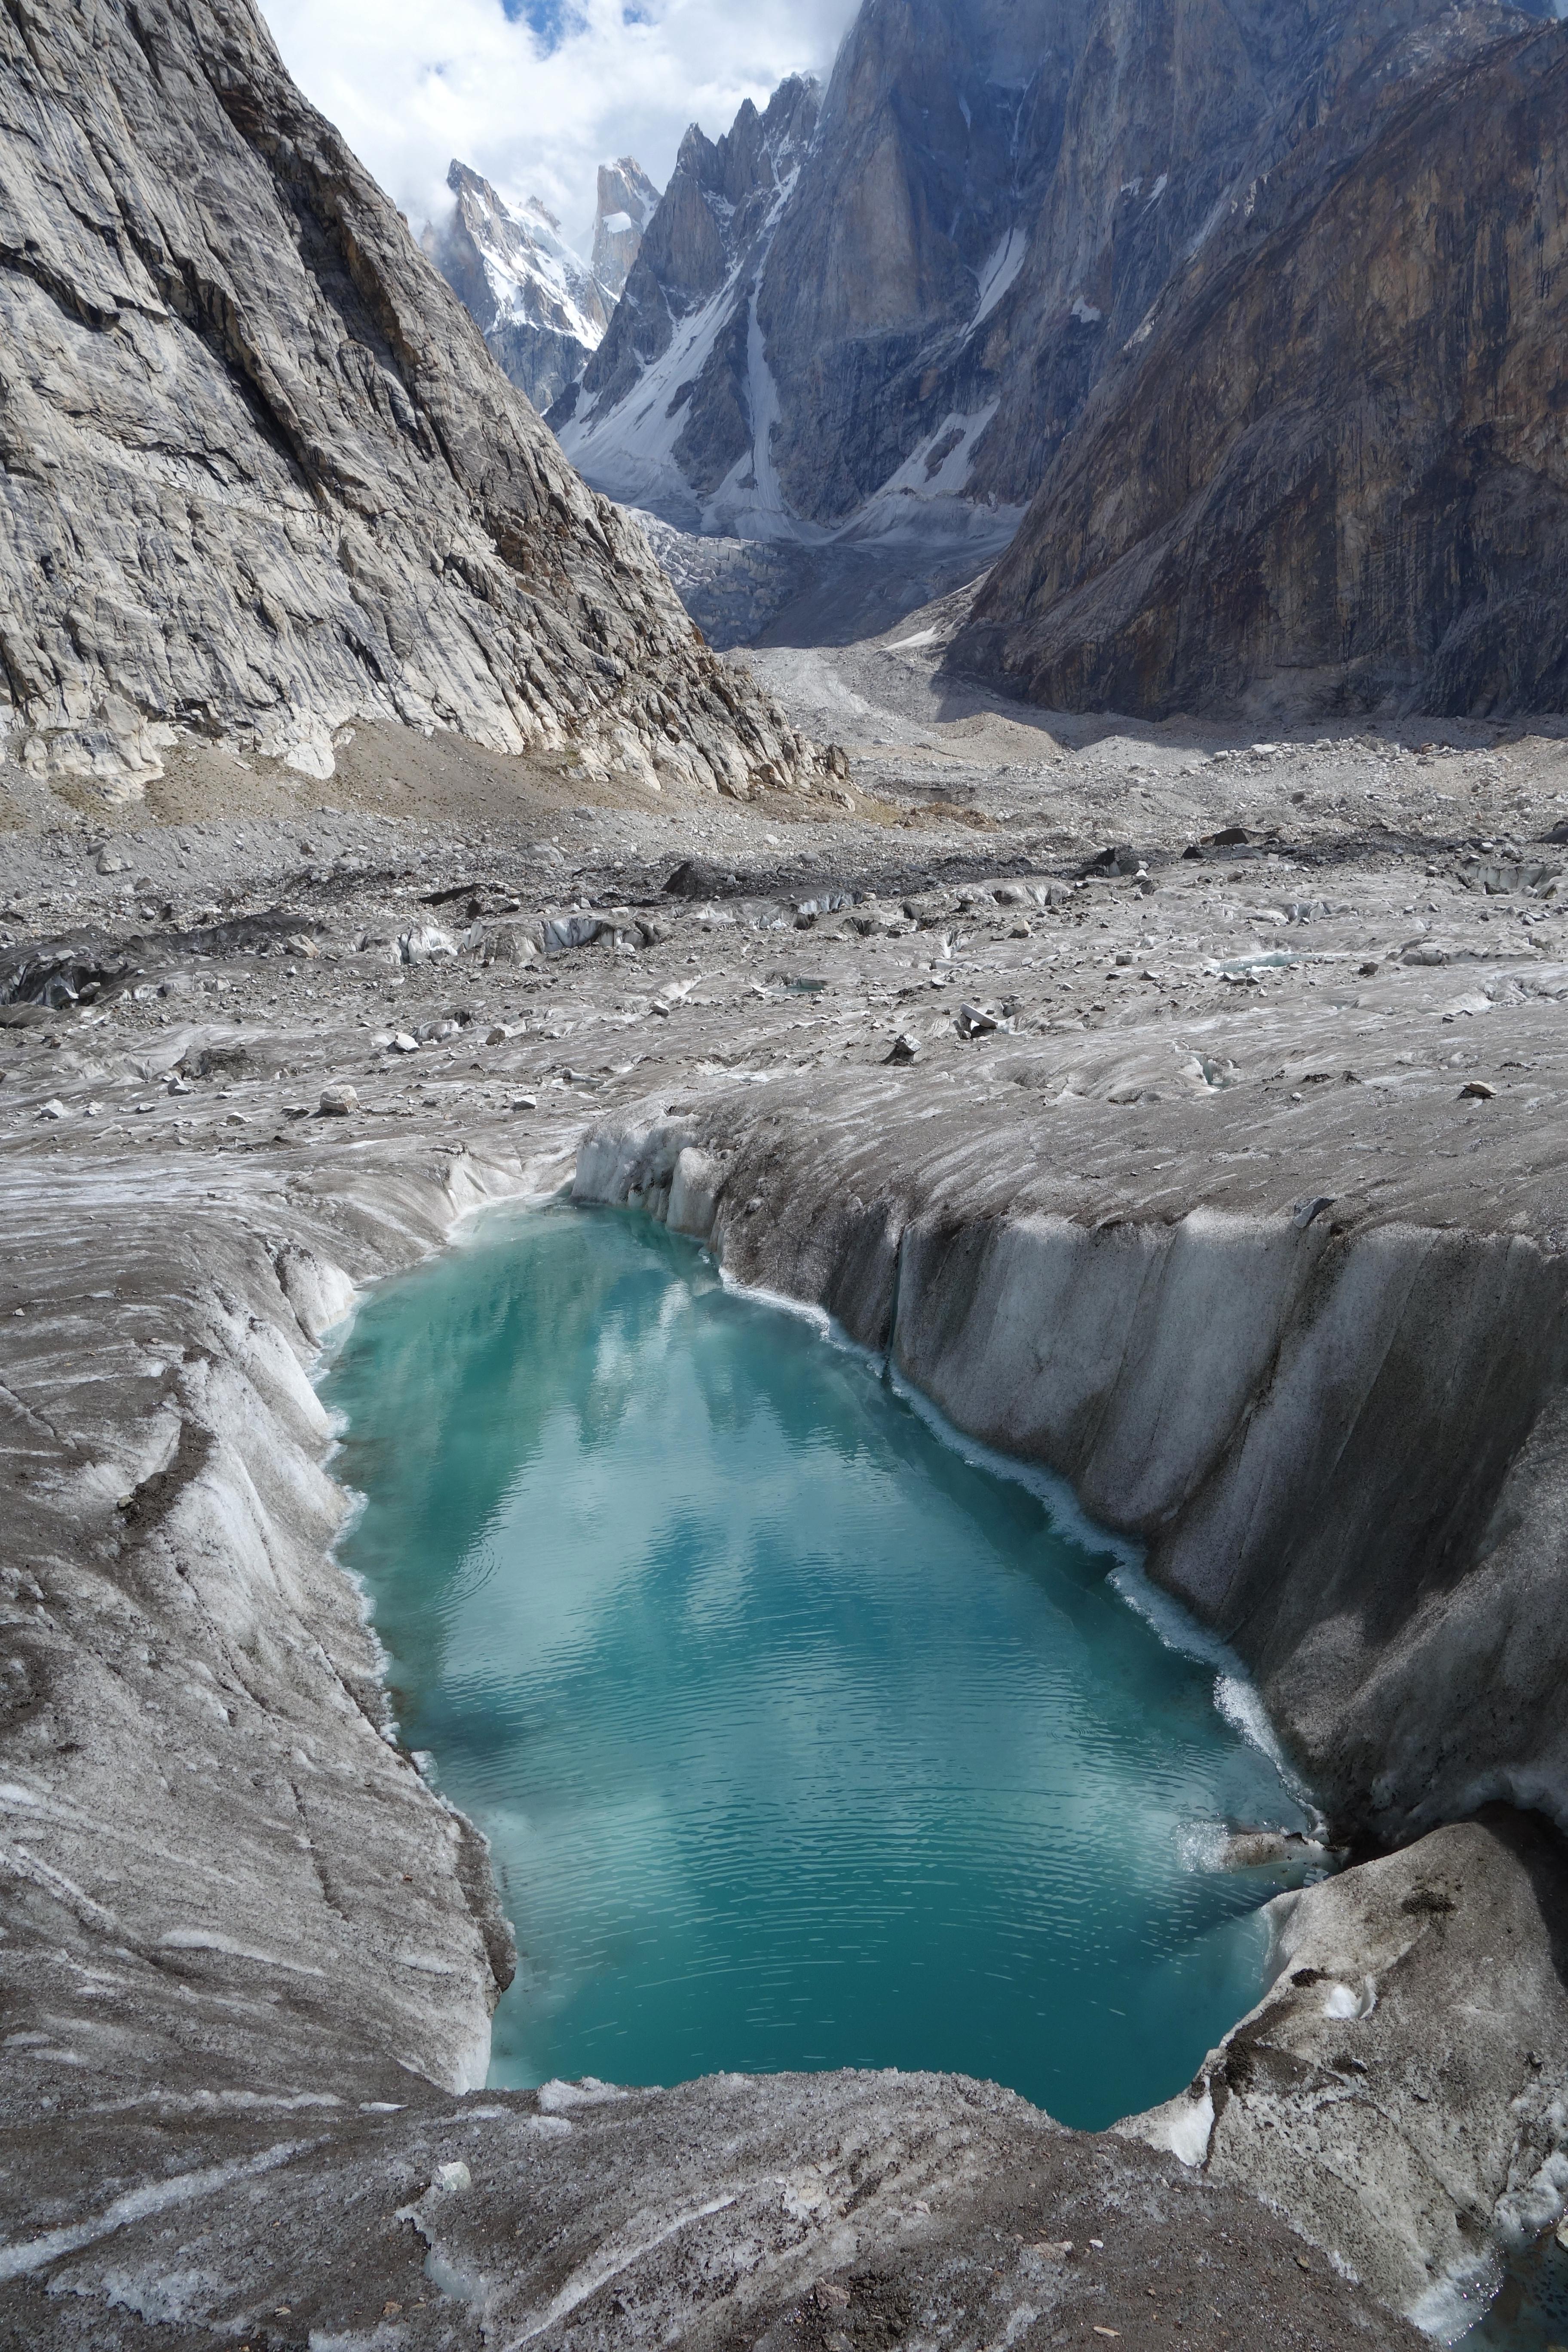 Crevasse Crossing One Long Peel